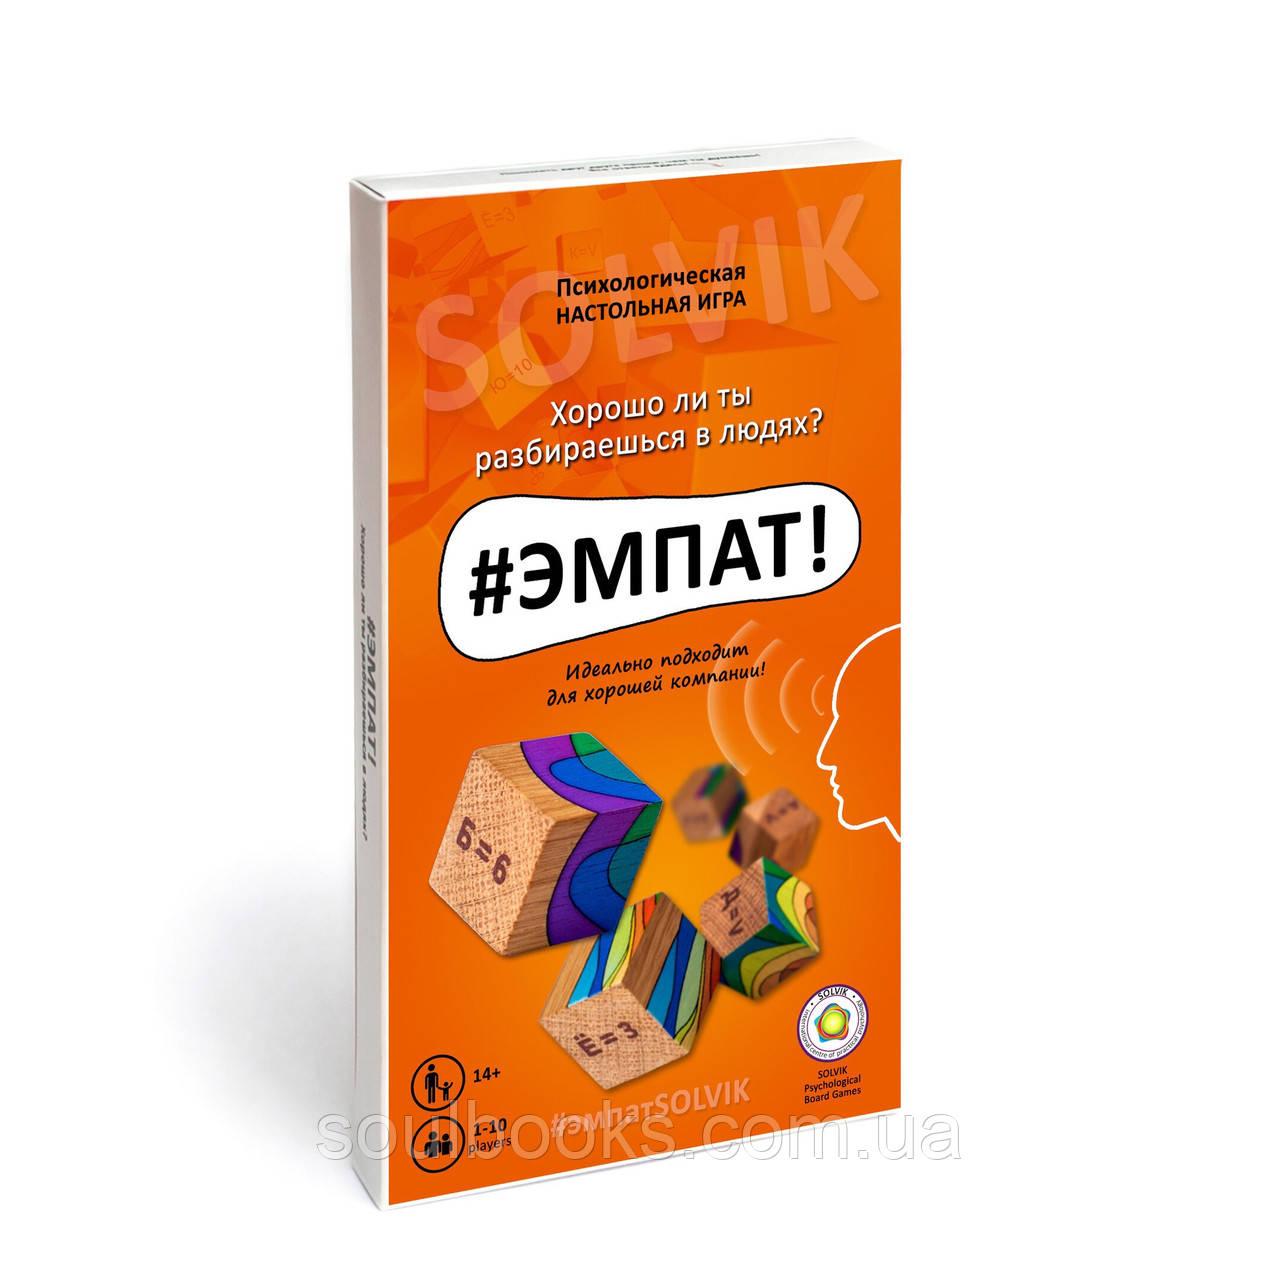 #ЭМПАТ! - психологическая настольная игра. Виктория Соловьева